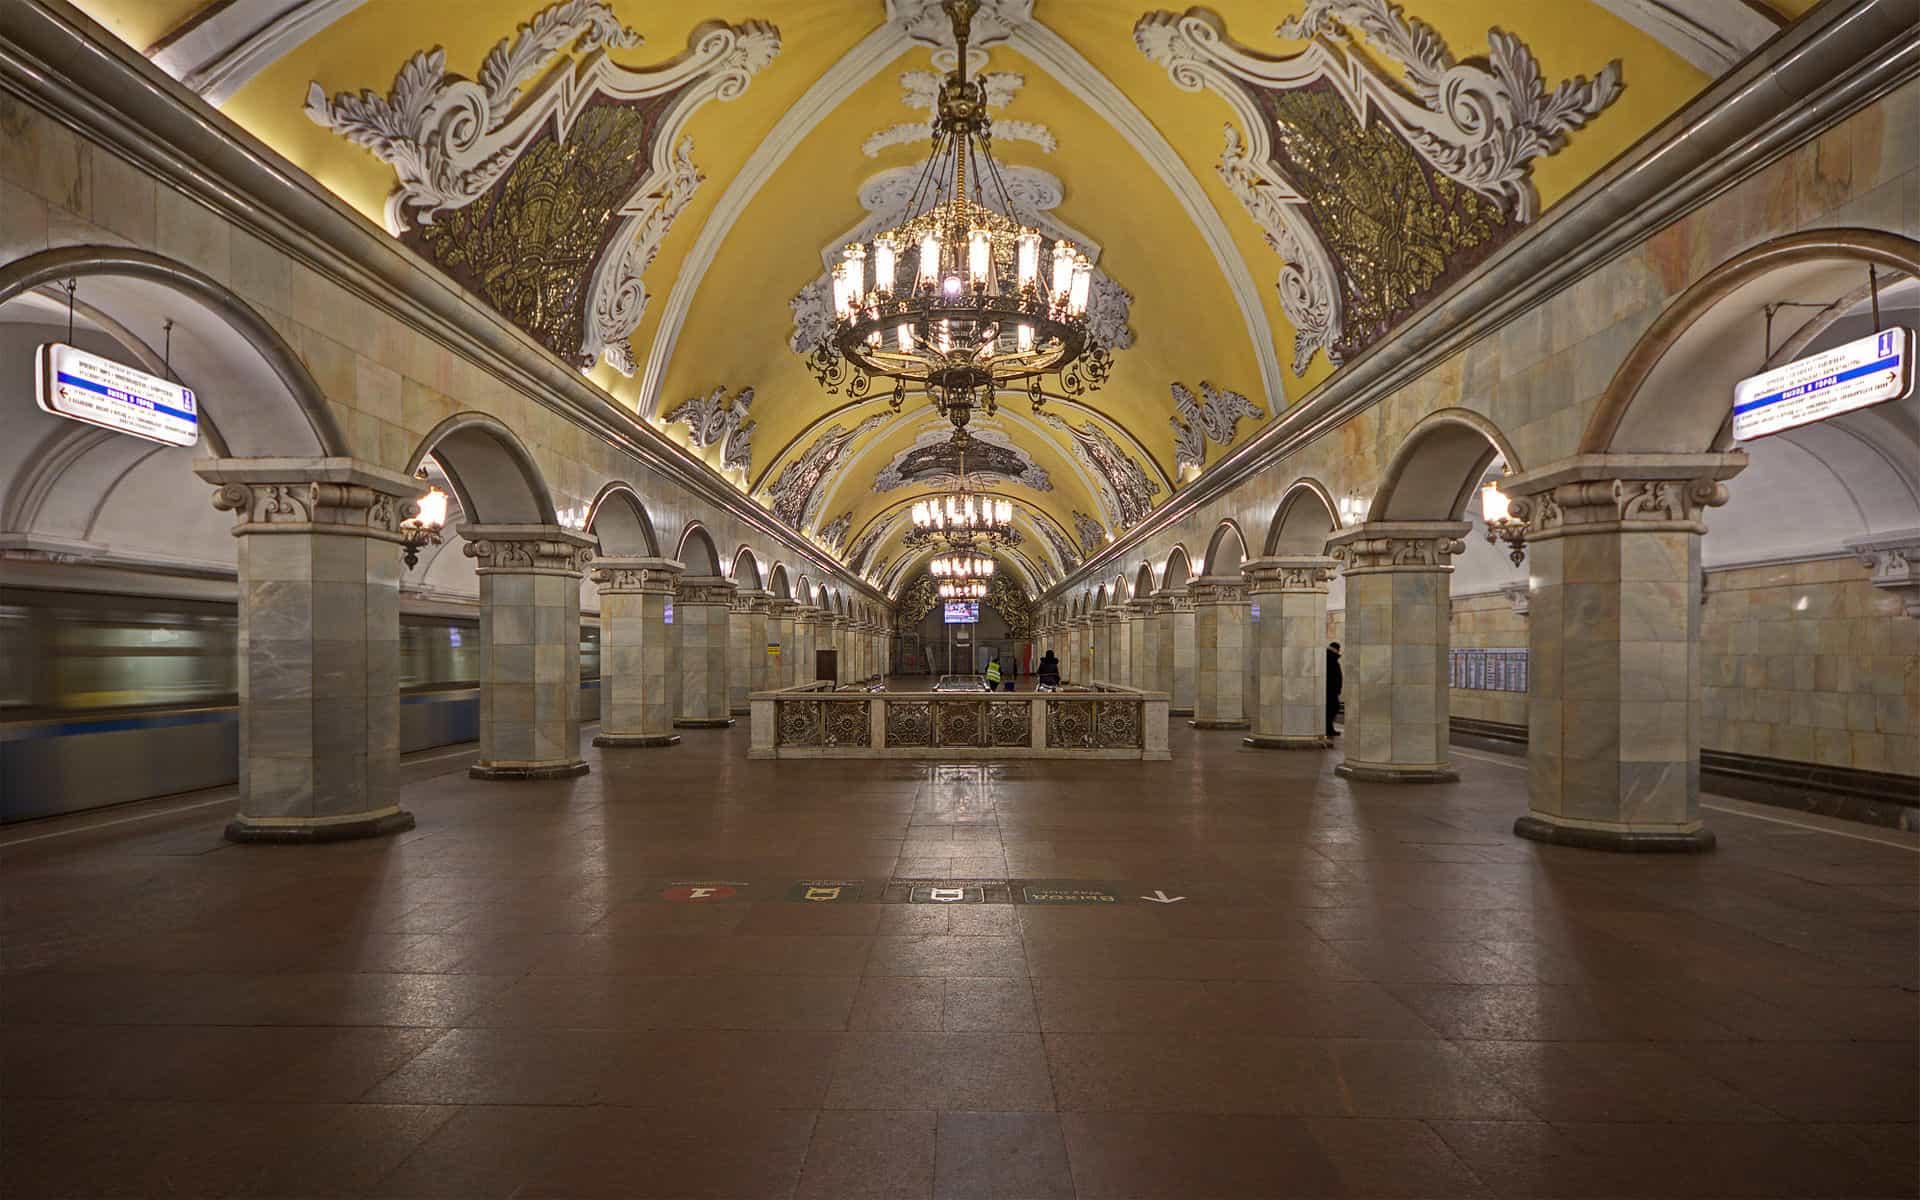 Photo of Экскурсии по строящимся станциям метро Экскурсии по строящимся станциям метро Экскурсии по строящимся станциям метро f649f749839fb55ad67833dd6b3adcb6